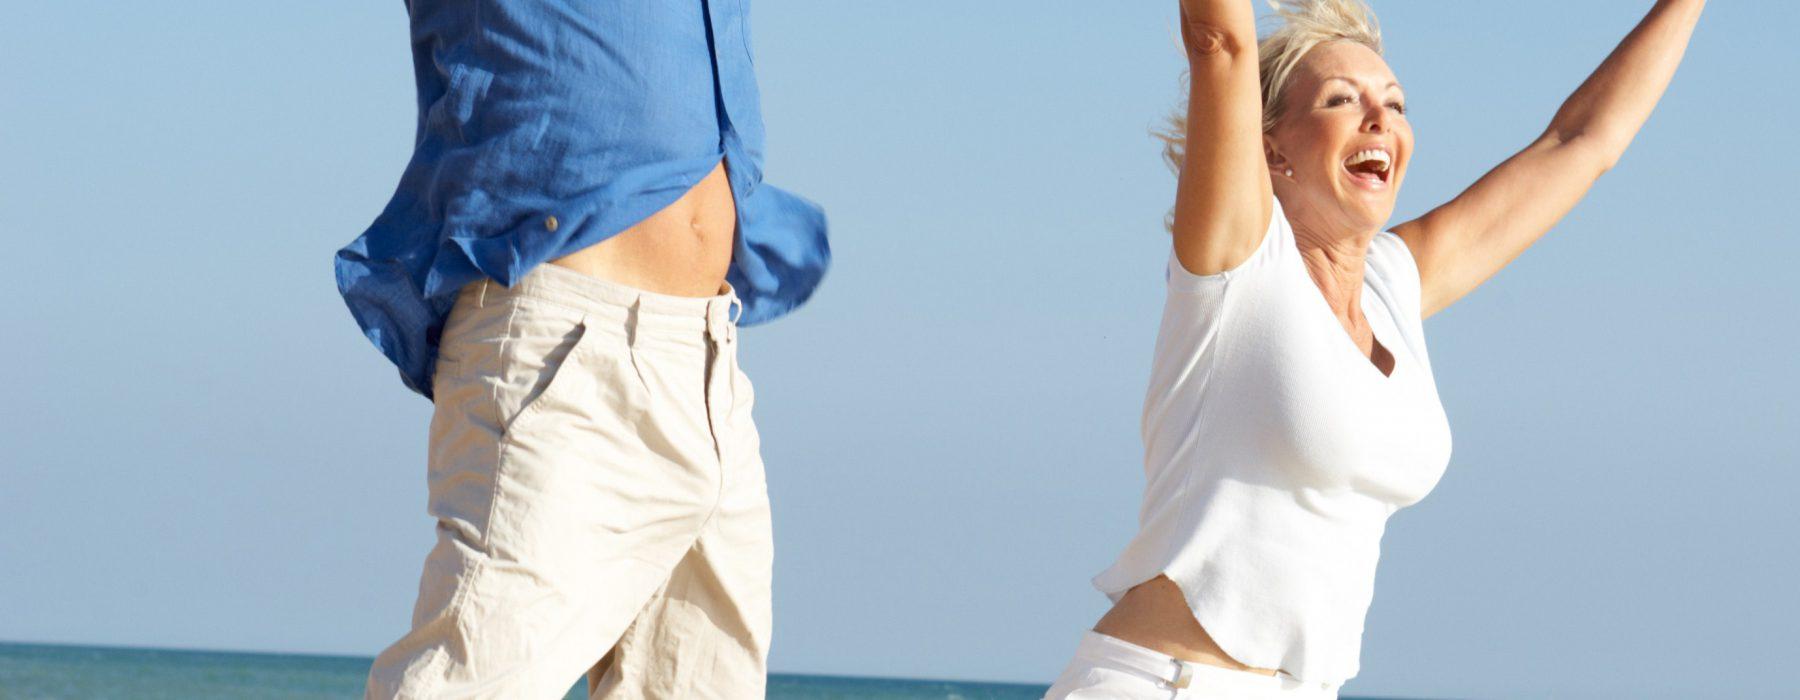 Grapas quirúrgicas contra el dolor de espalda